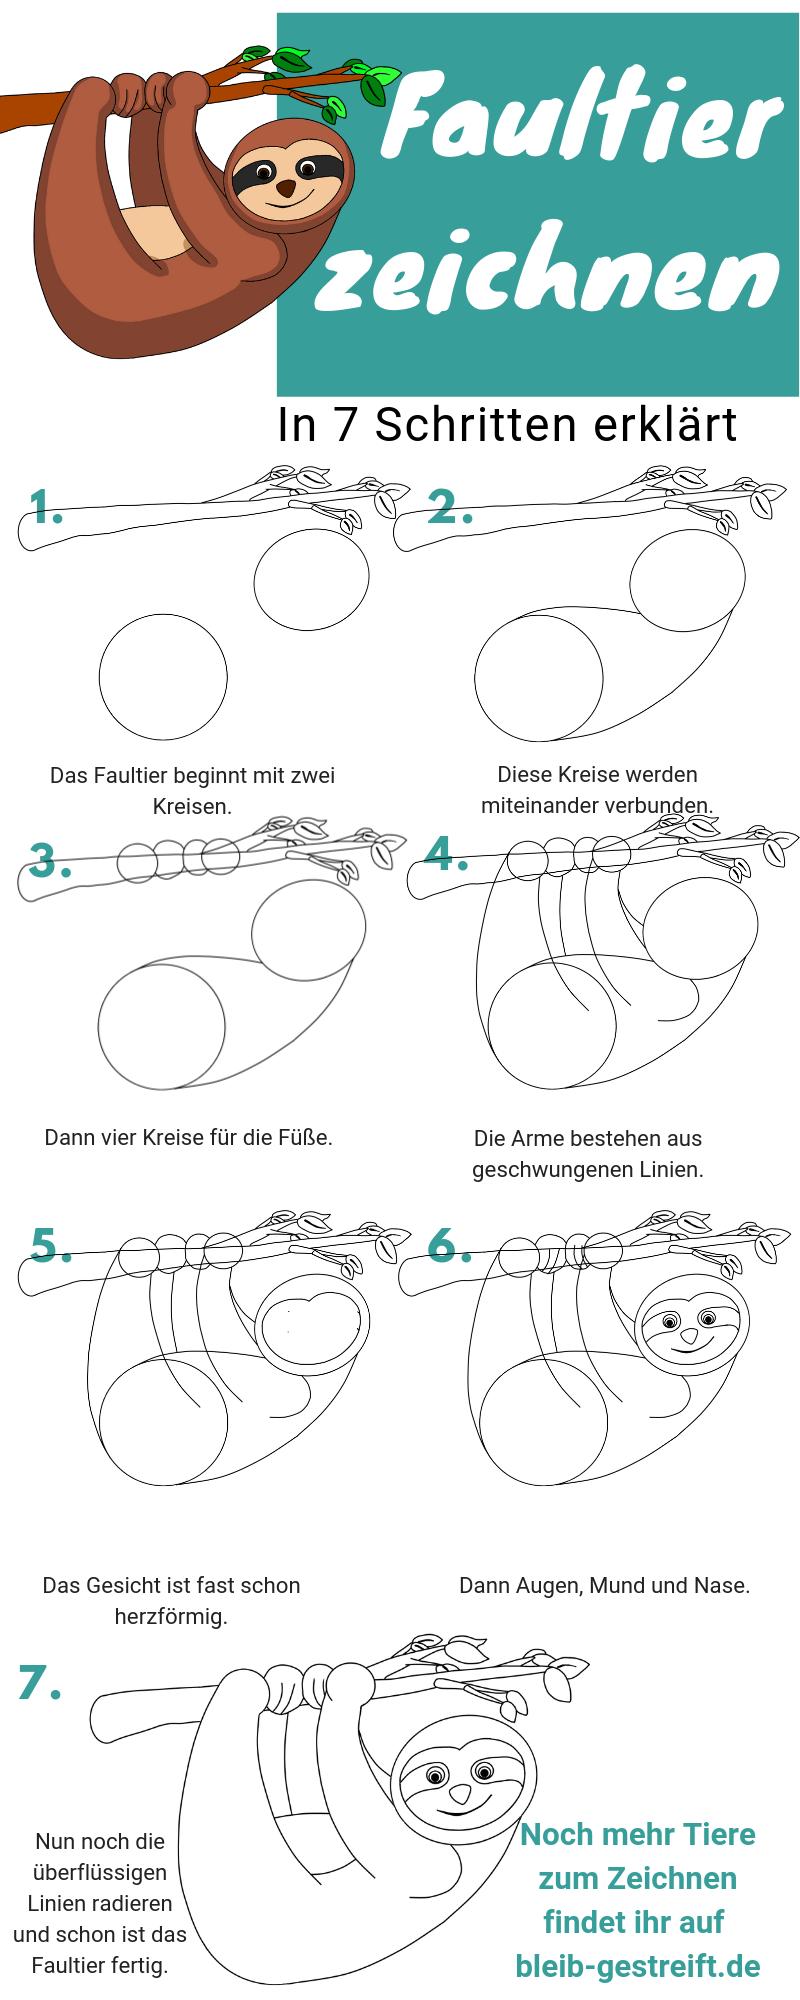 faultier zeichnen lernen  eine anleitung in nur 7